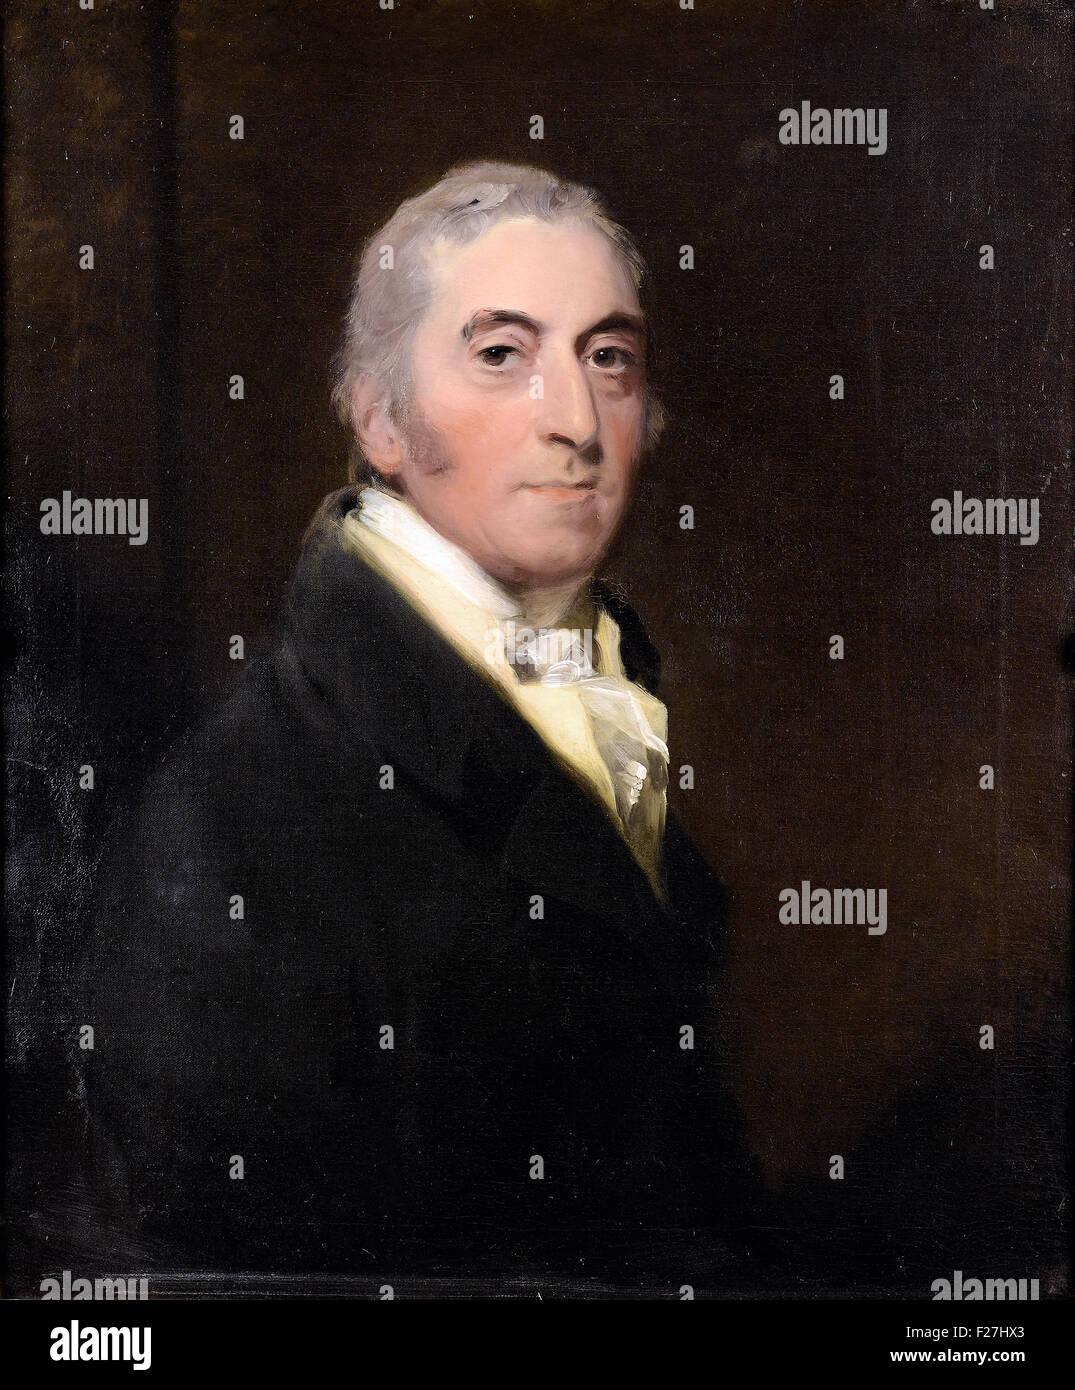 William Wellesley-Pole, later 1st Baron Maryborough - Stock Image